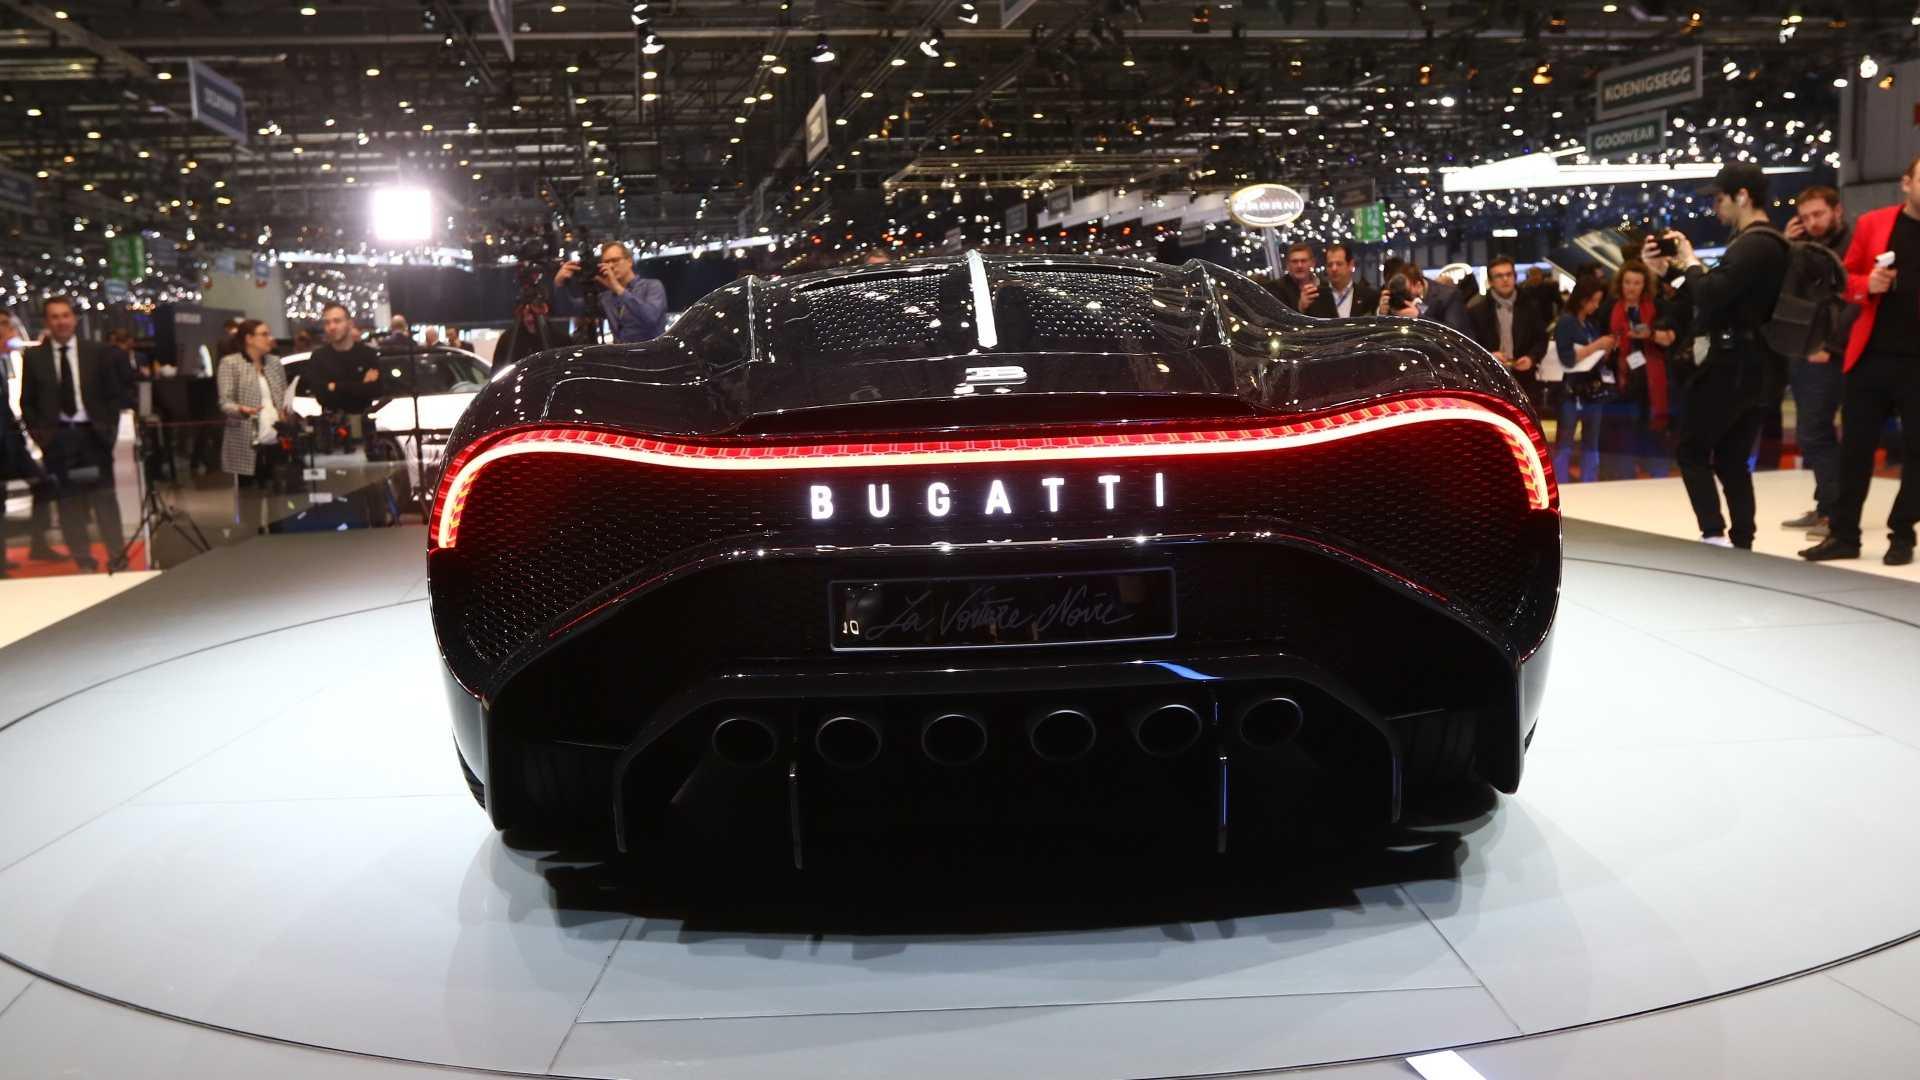 گرانترین خودروی جهان رونمایی شد + تصاویر